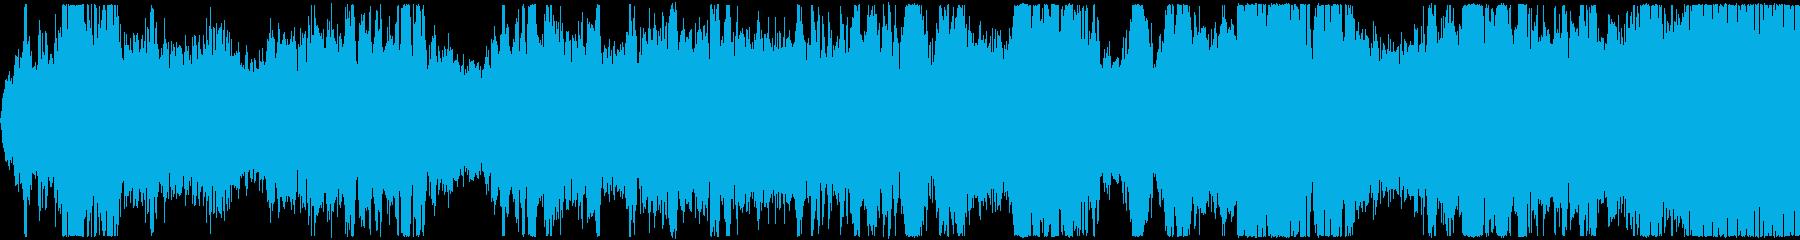 神秘のヴェールに包まれた、静謐な歌の調…の再生済みの波形